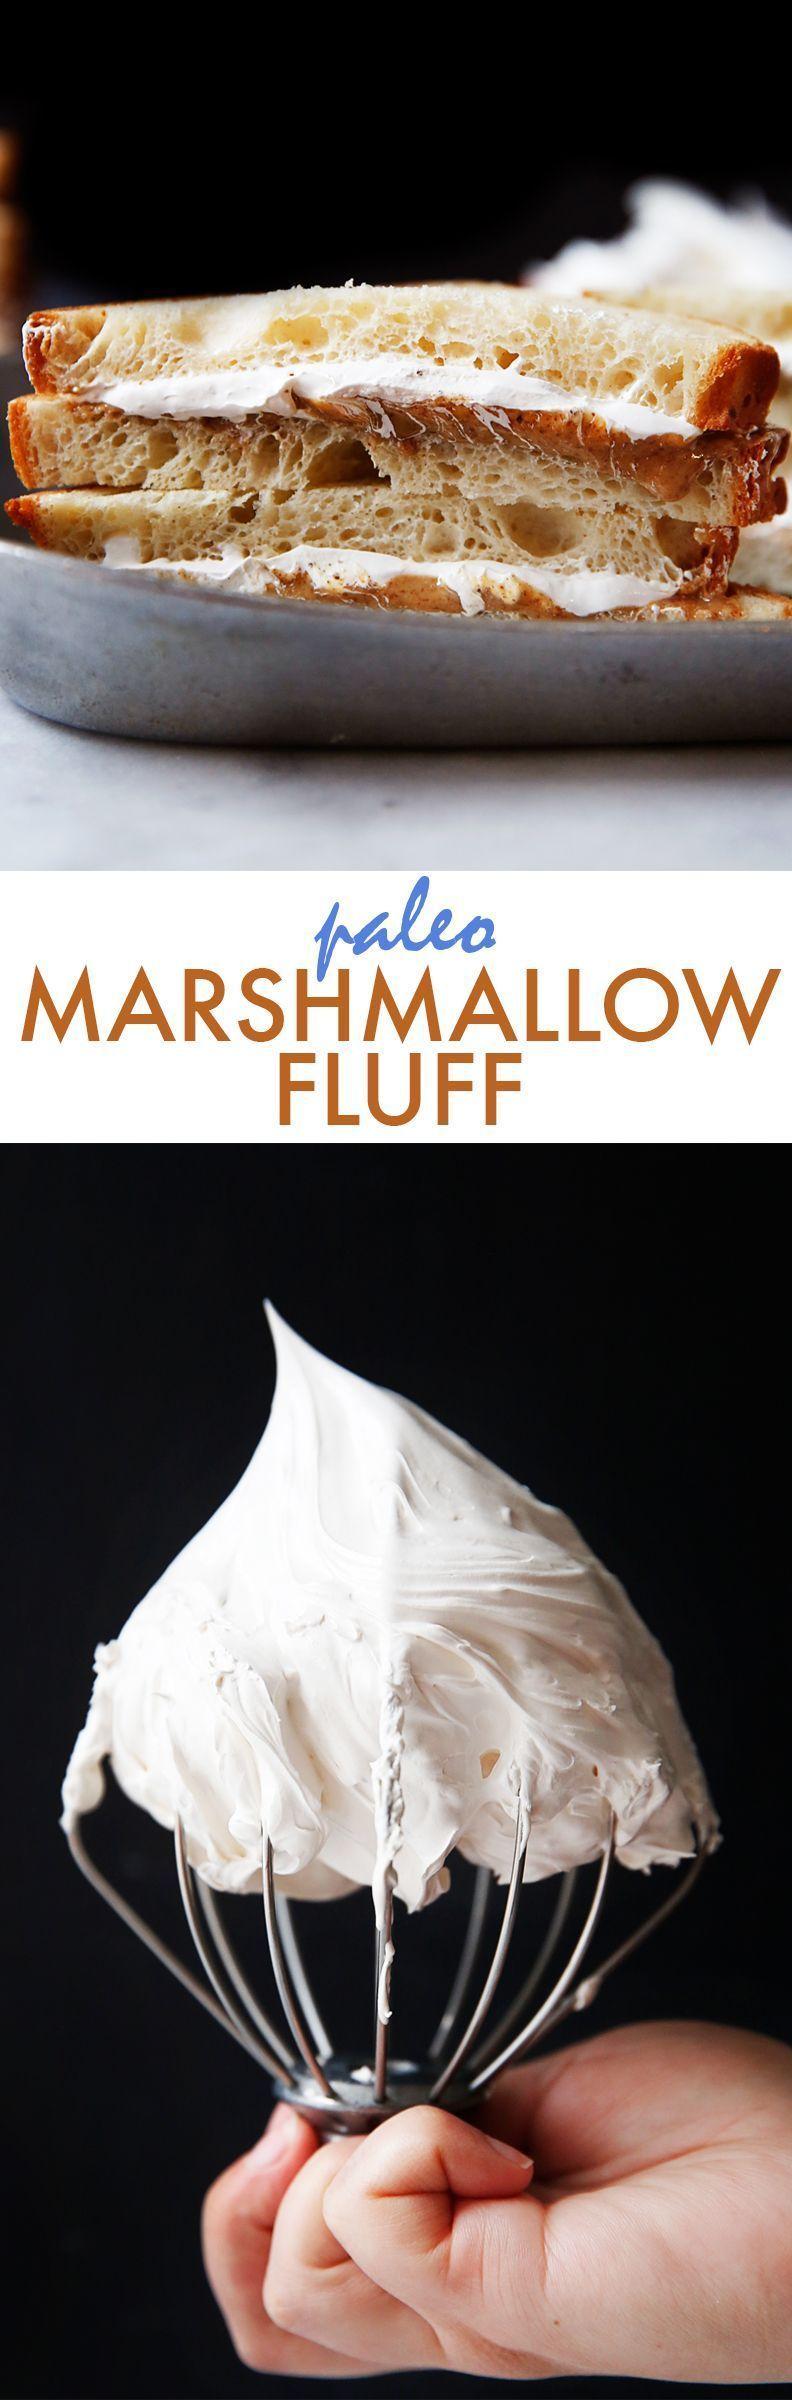 Easy Paleo Marshmallow Fluff #marshmallow #fluff #paleo #easy #fluffsandwich #marshmallowflufffrosting Easy Paleo Marshmallow Fluff #marshmallow #fluff #paleo #easy #fluffsandwich #marshmallowflufffrosting Easy Paleo Marshmallow Fluff #marshmallow #fluff #paleo #easy #fluffsandwich #marshmallowflufffrosting Easy Paleo Marshmallow Fluff #marshmallow #fluff #paleo #easy #fluffsandwich #healthymarshmallows Easy Paleo Marshmallow Fluff #marshmallow #fluff #paleo #easy #fluffsandwich #marshmallowfluf #healthymarshmallows